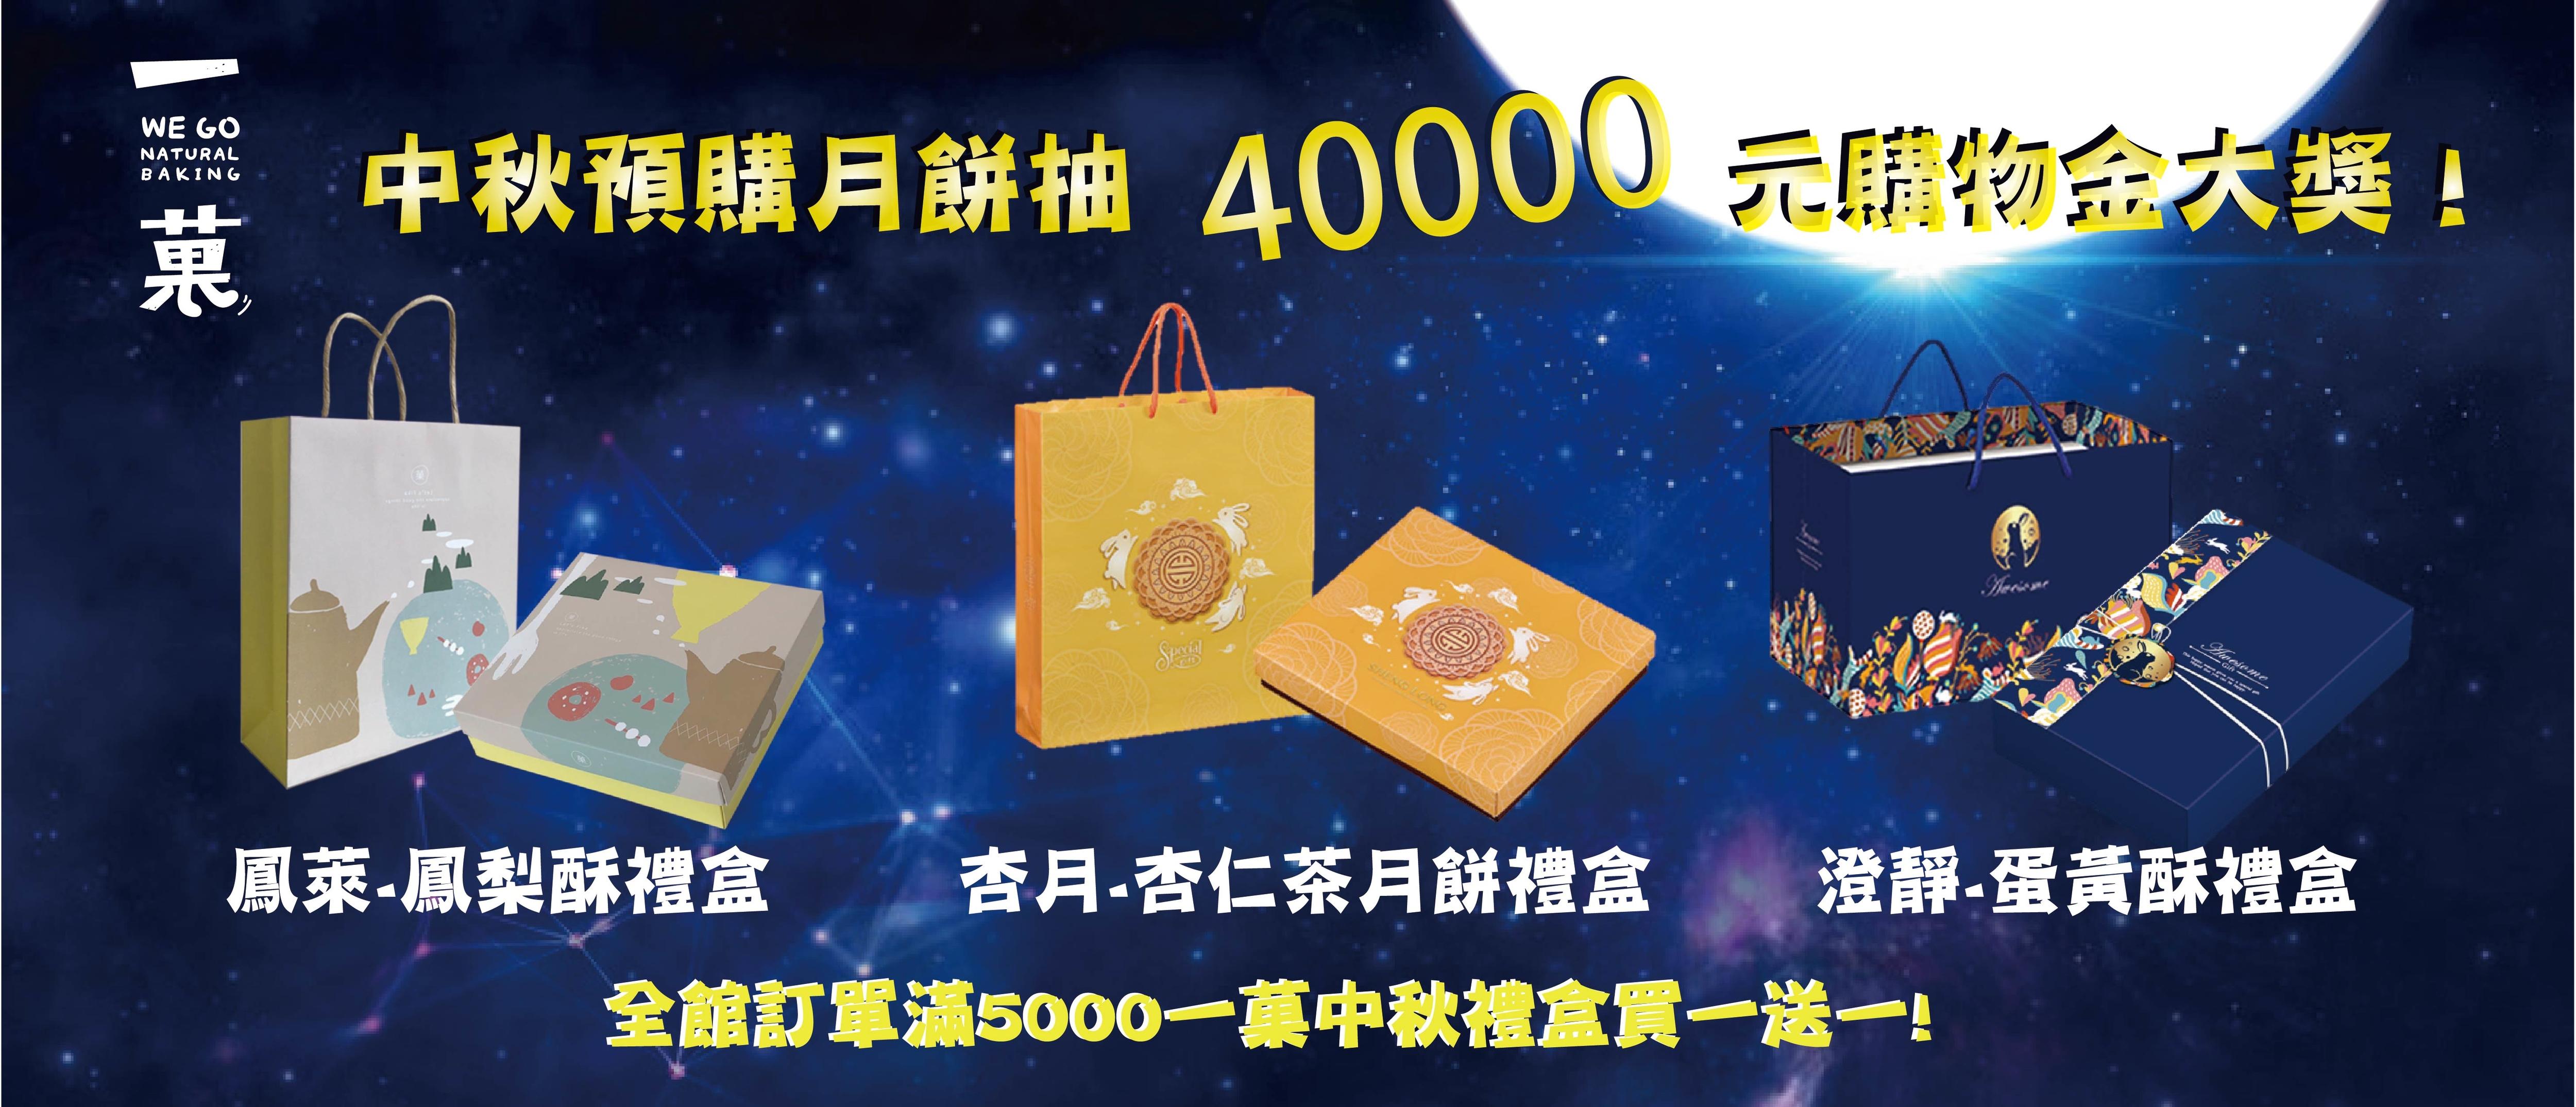 【一菓】中秋預購禮盒抽4萬購物金 _ 2020中秋限量